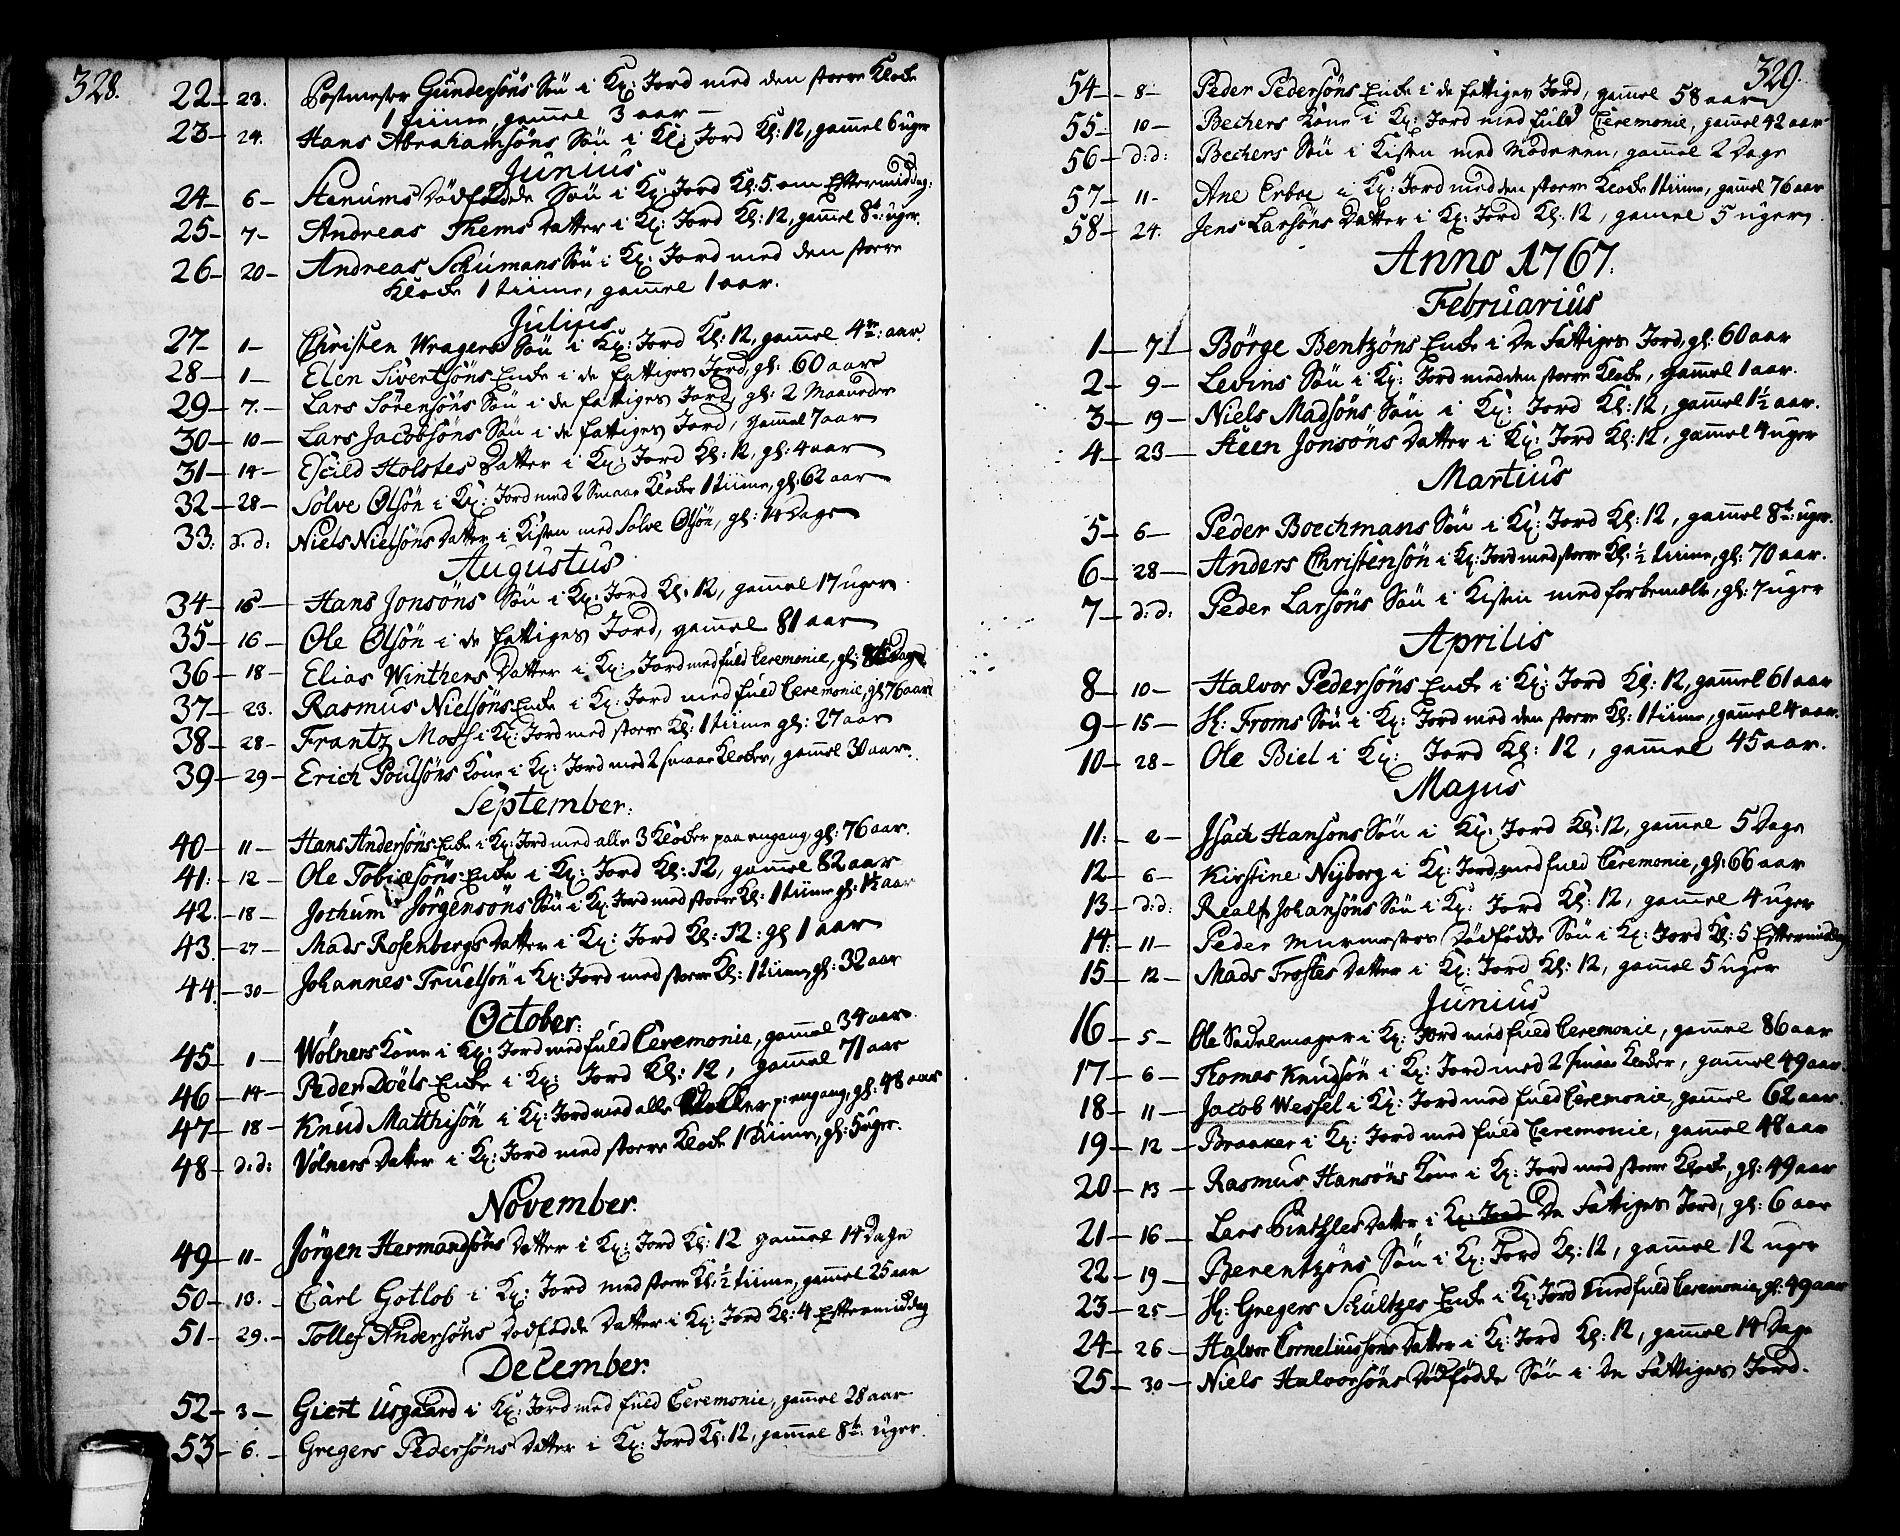 SAKO, Skien kirkebøker, F/Fa/L0003: Ministerialbok nr. 3, 1755-1791, s. 328-329